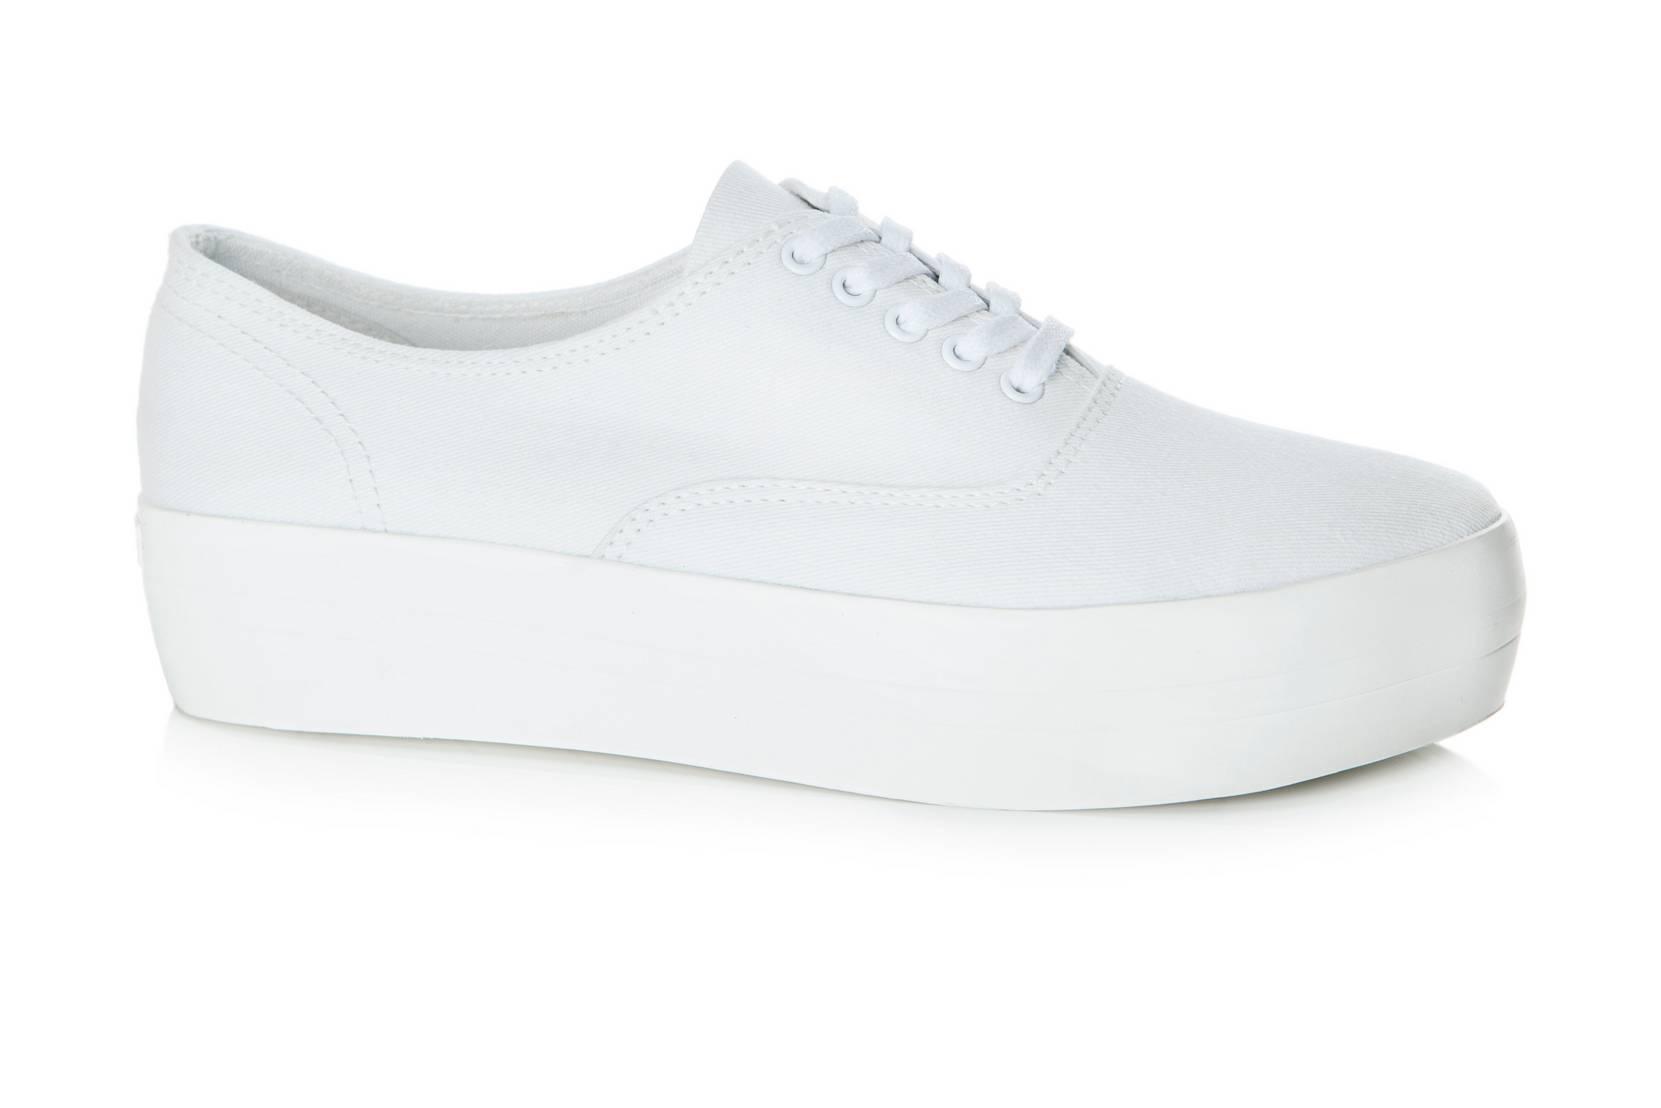 Sneakers Keira med plateau Vagabond Sneakers til Kvinder i Hvid